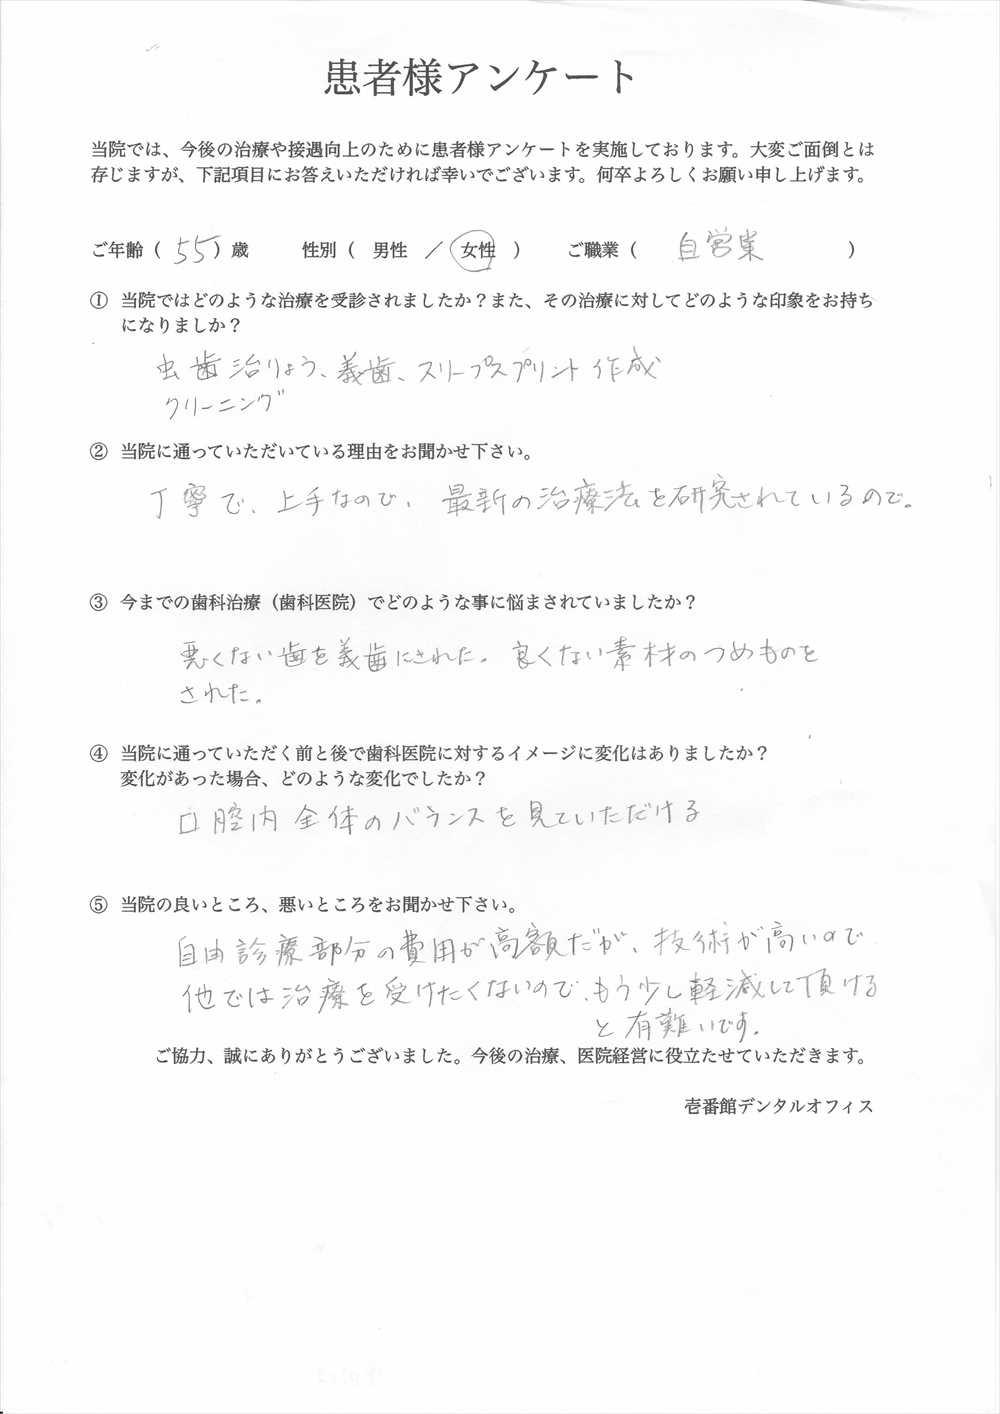 壱番館デンタルオフィス口コミ評判アンケート4